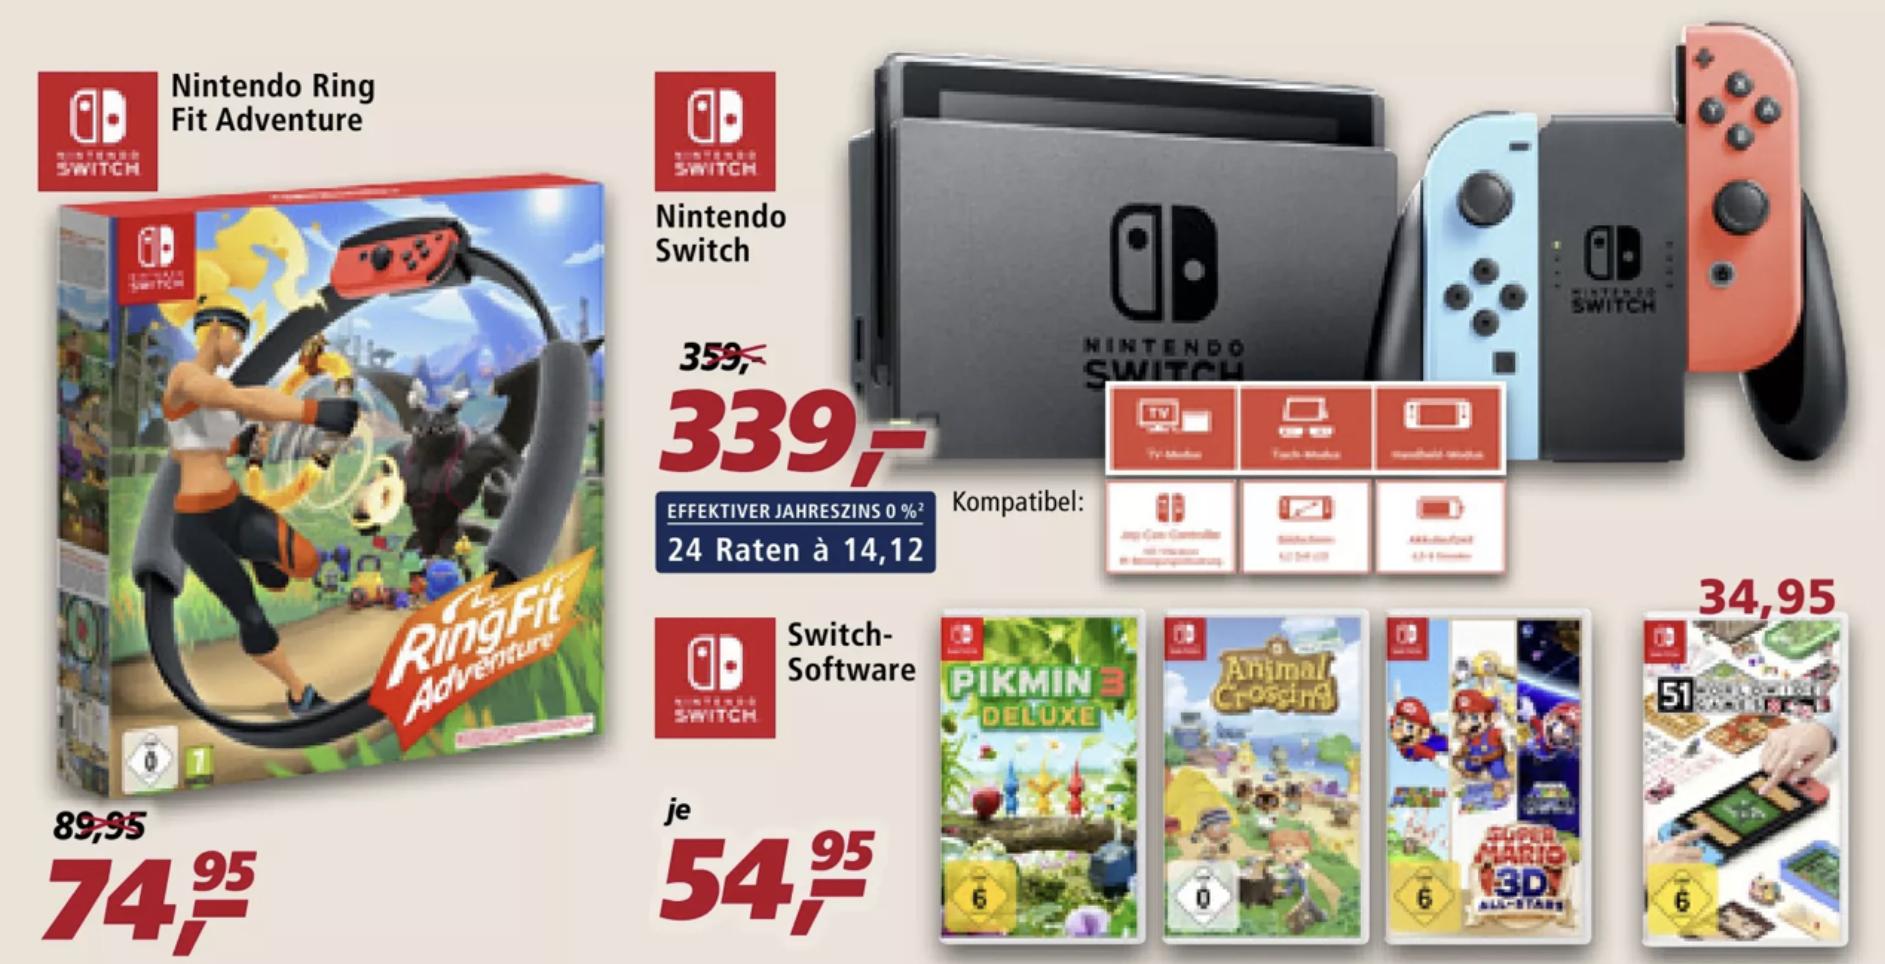 real F&F Aktion nur am 02.01.: Nintendo Switch Konsole für 271,20€ / Ring Fit Adventure für 62,97€ (bei 9,75% 67,95)